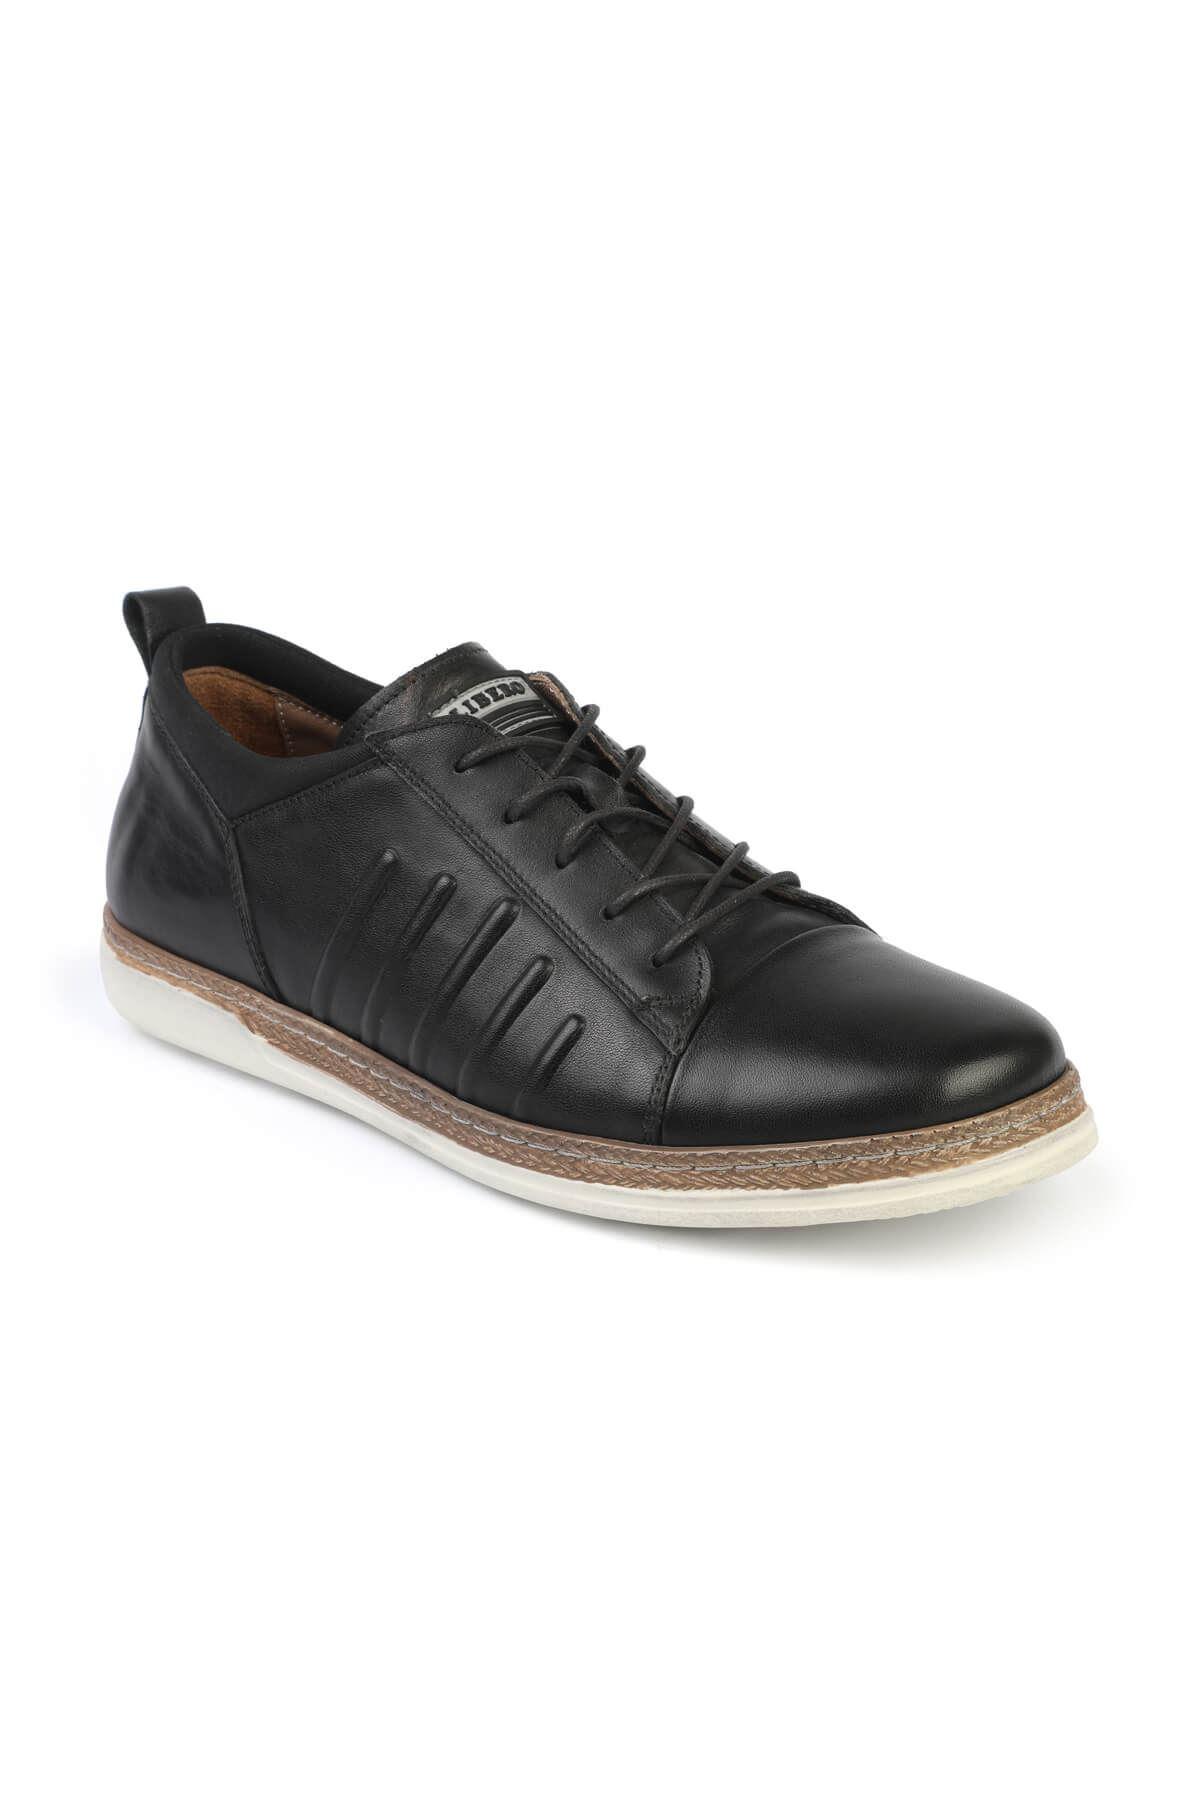 Libero C845 Siyah Spor Ayakkabı